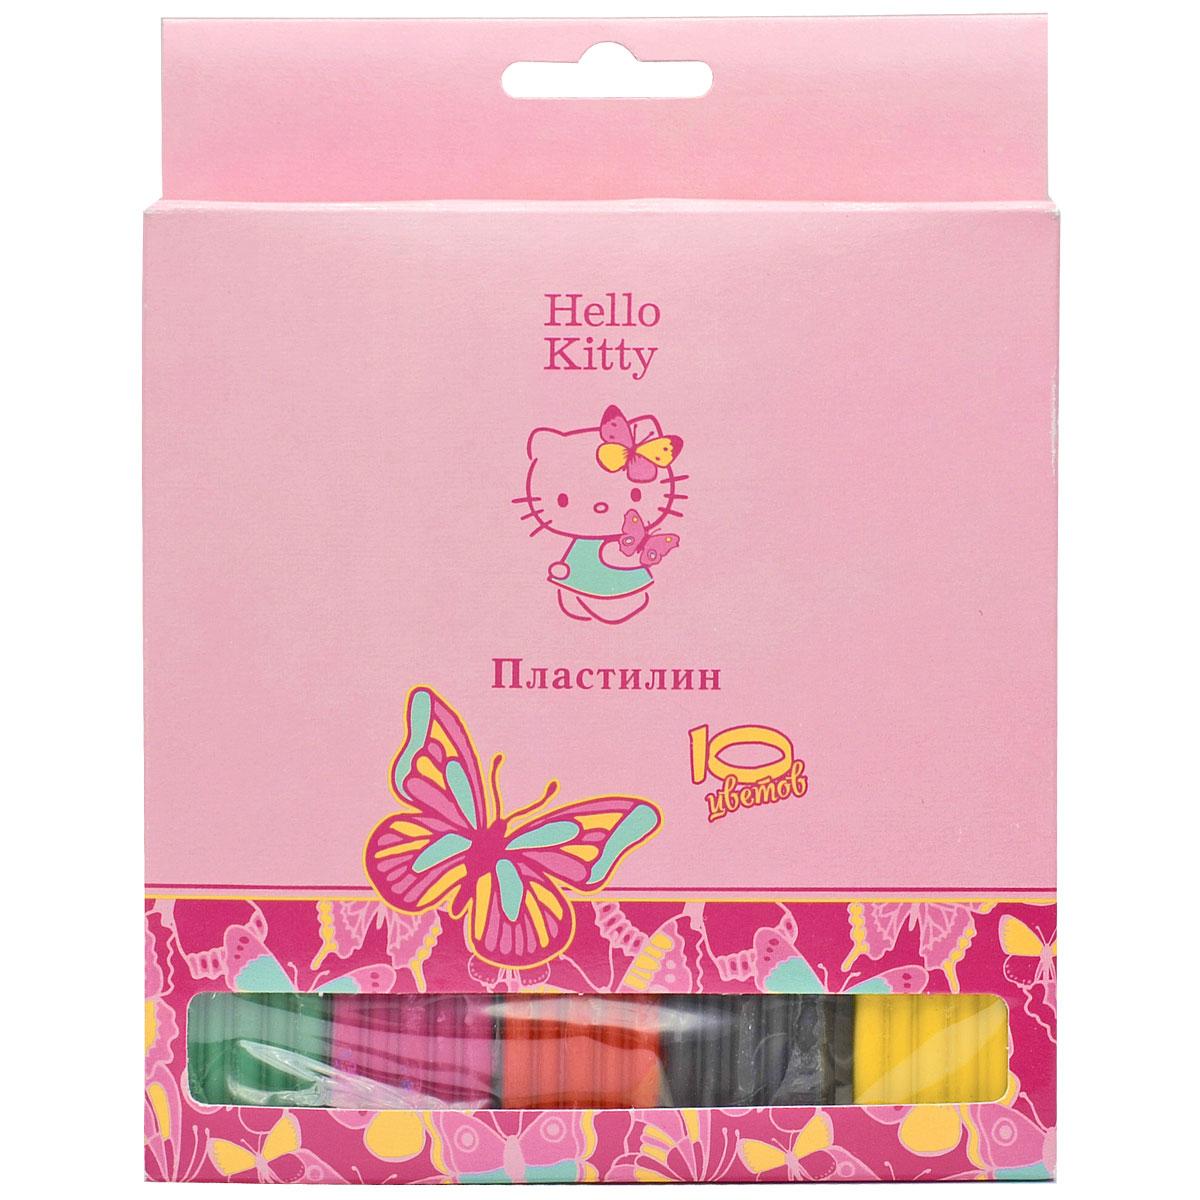 Action! Пластилин Hello Kitty 10 цветов00-00007326Набор пластилина Action! Hello Kitty поможет вашему малышу создавать не только прекрасные поделки, но и рисунки. Пластилин обладает особой мягкостью и пластичностью: легко разминается и моделируется детскими пальчиками, не пачкается, не прилипает к рукам и рабочей поверхности, не крошится, не высыхает и хорошо держит форму.Смешивайте цвета, экспериментируйте и развивайте малютку: лепка активно тренирует у ребенка мелкую моторику и умение работать пальчиками, развивает тактильное восприятие формы, веса и фактуры, совершенствует воображение и пространственное мышление.